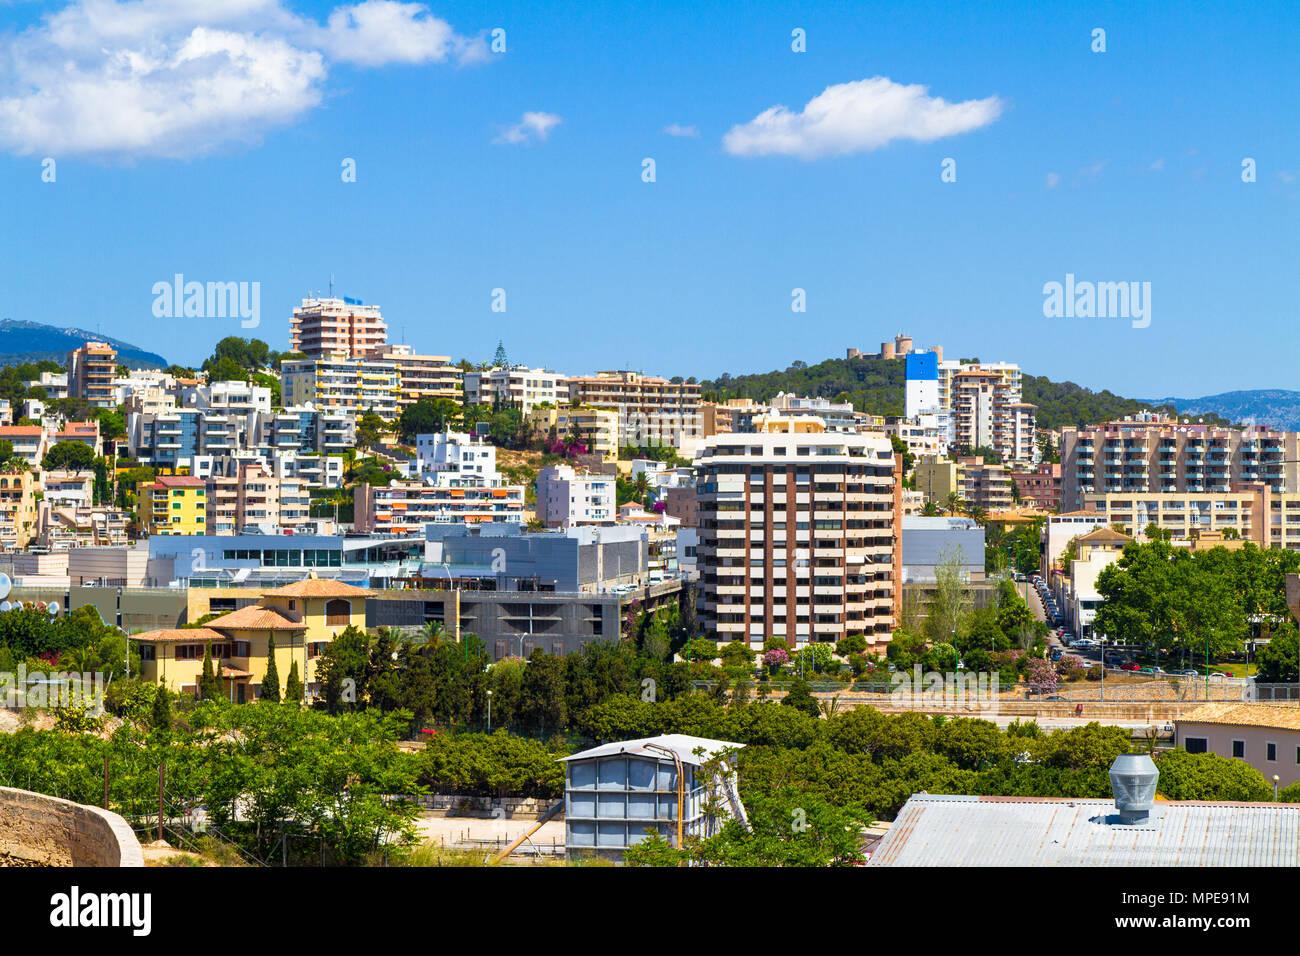 Vue panoramique sur la banlieue de Palma Majorque avec The Paddock château en arrière-plan. Photo Stock